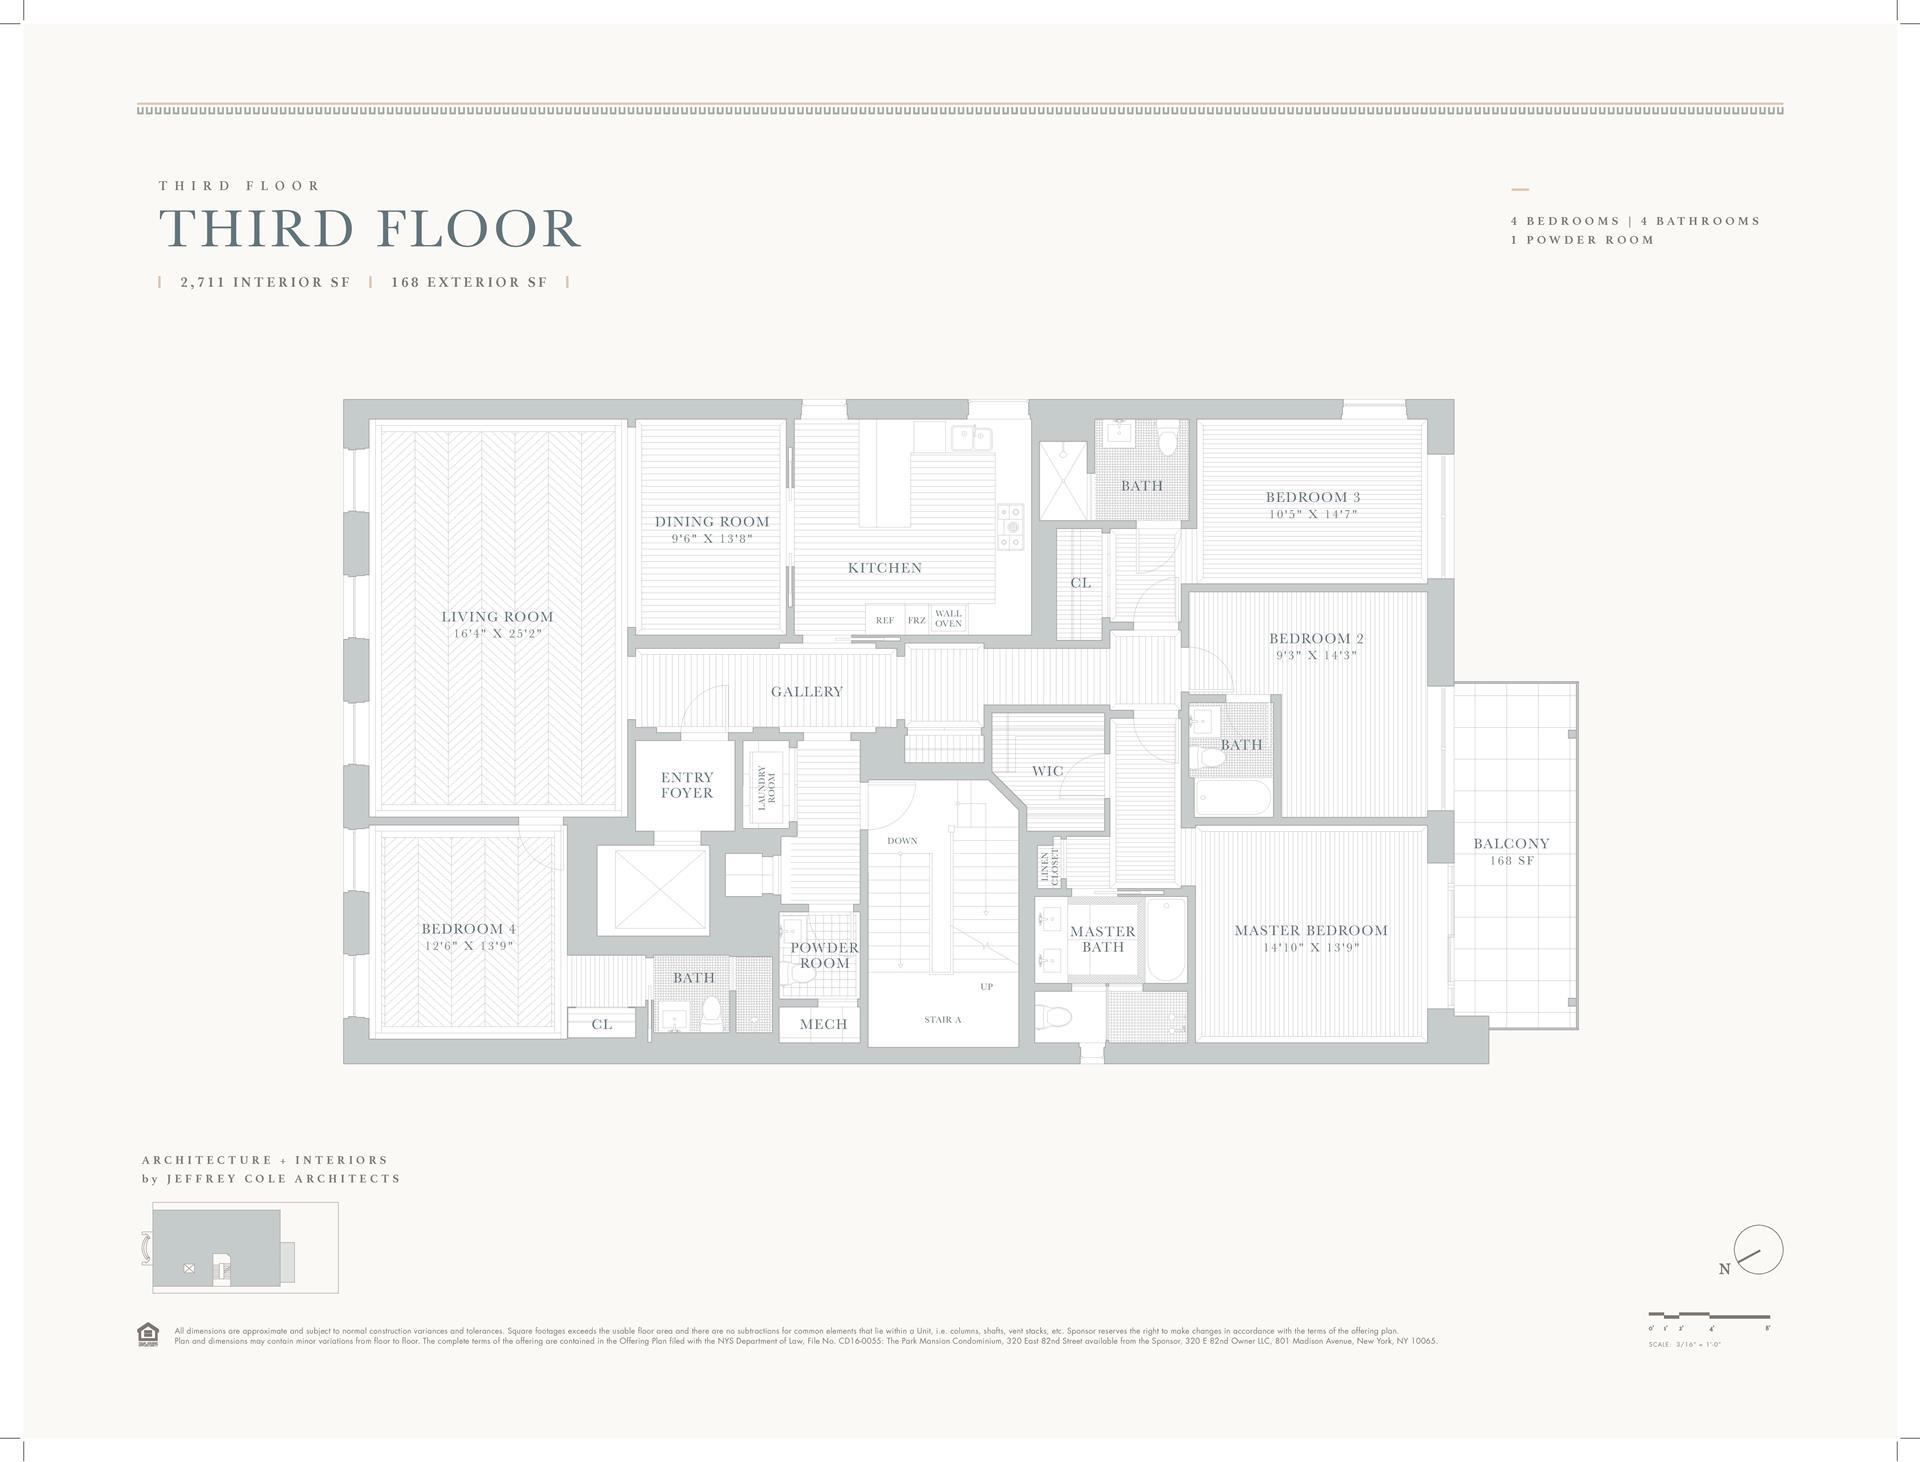 Floor plan of 320 East 82nd St, 3 - Upper East Side, New York